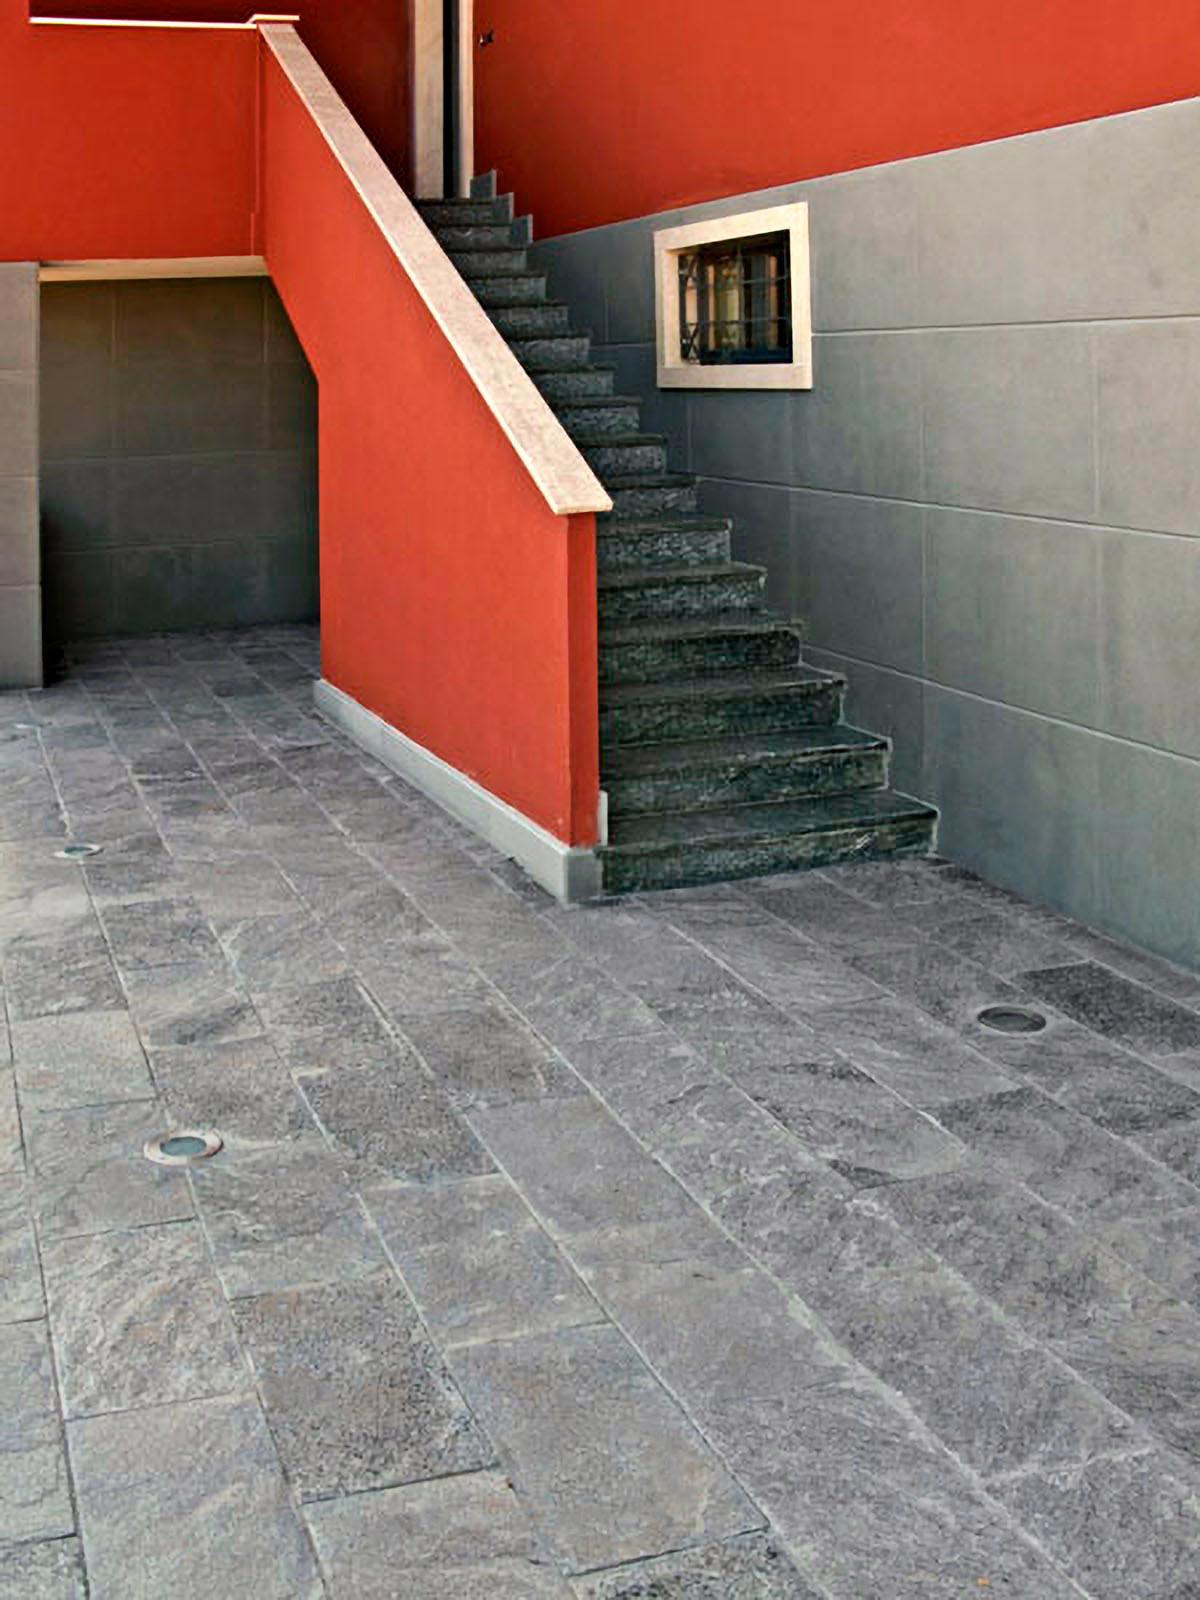 [10] Riflessi lucenti - abitazioni, beola, beola argentata, beola grigia classica, lastricato